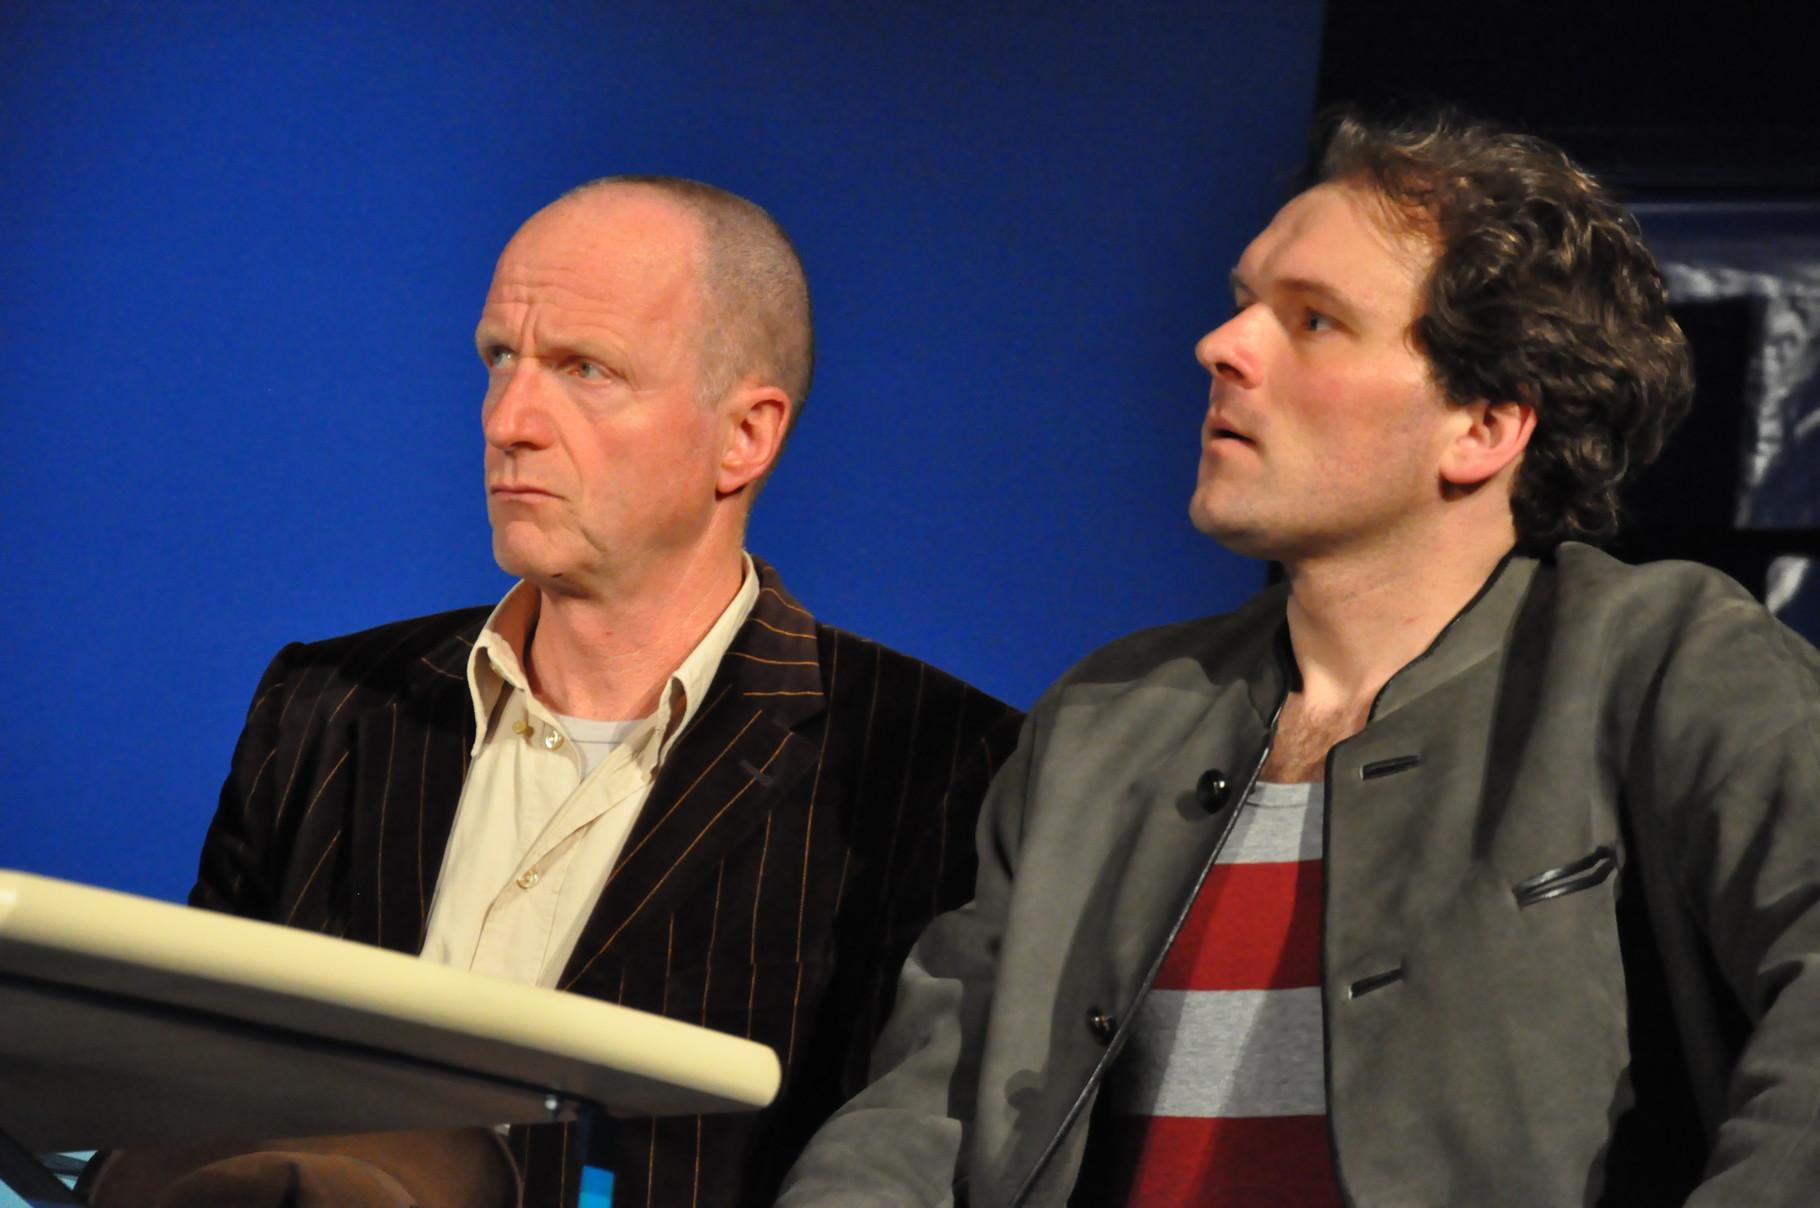 Der zerbrochne Krug - Heinrich von Kleist - Ralf Rainer Reimann - Theaterei Herrlingen